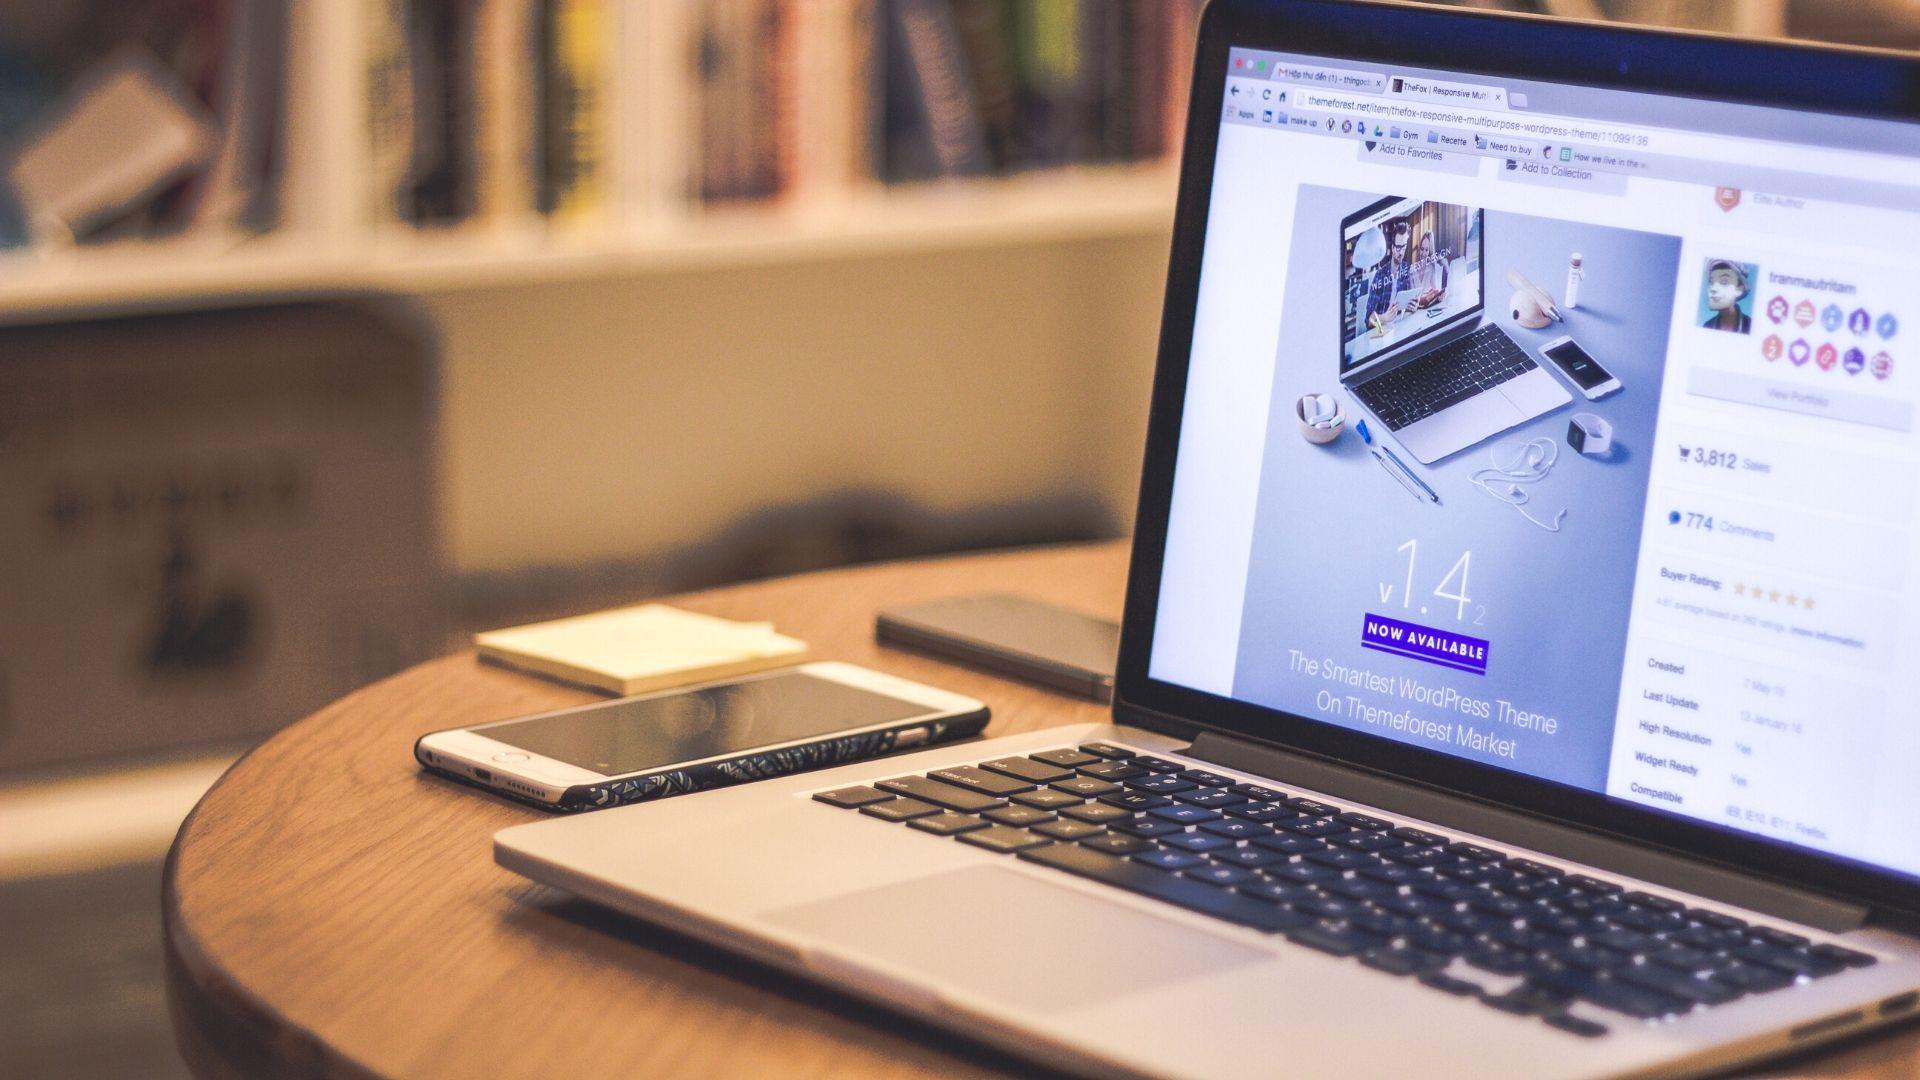 KAKO POBOLJŠATI WEB STRANICU